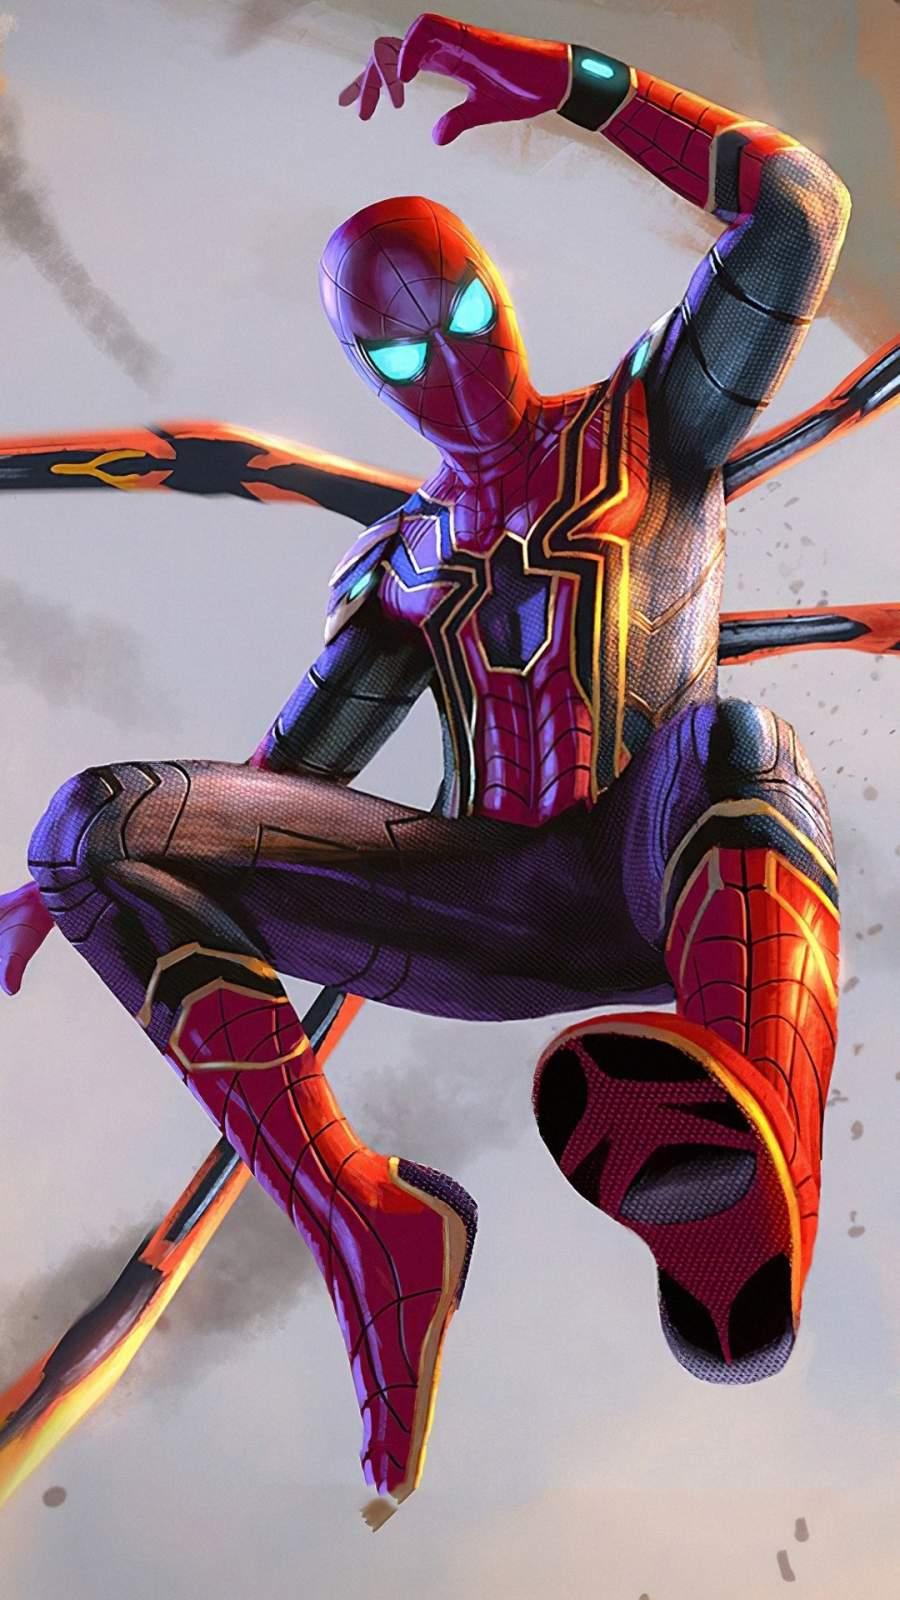 Spiderman Instant Killer Suit iPhone Wallpaper